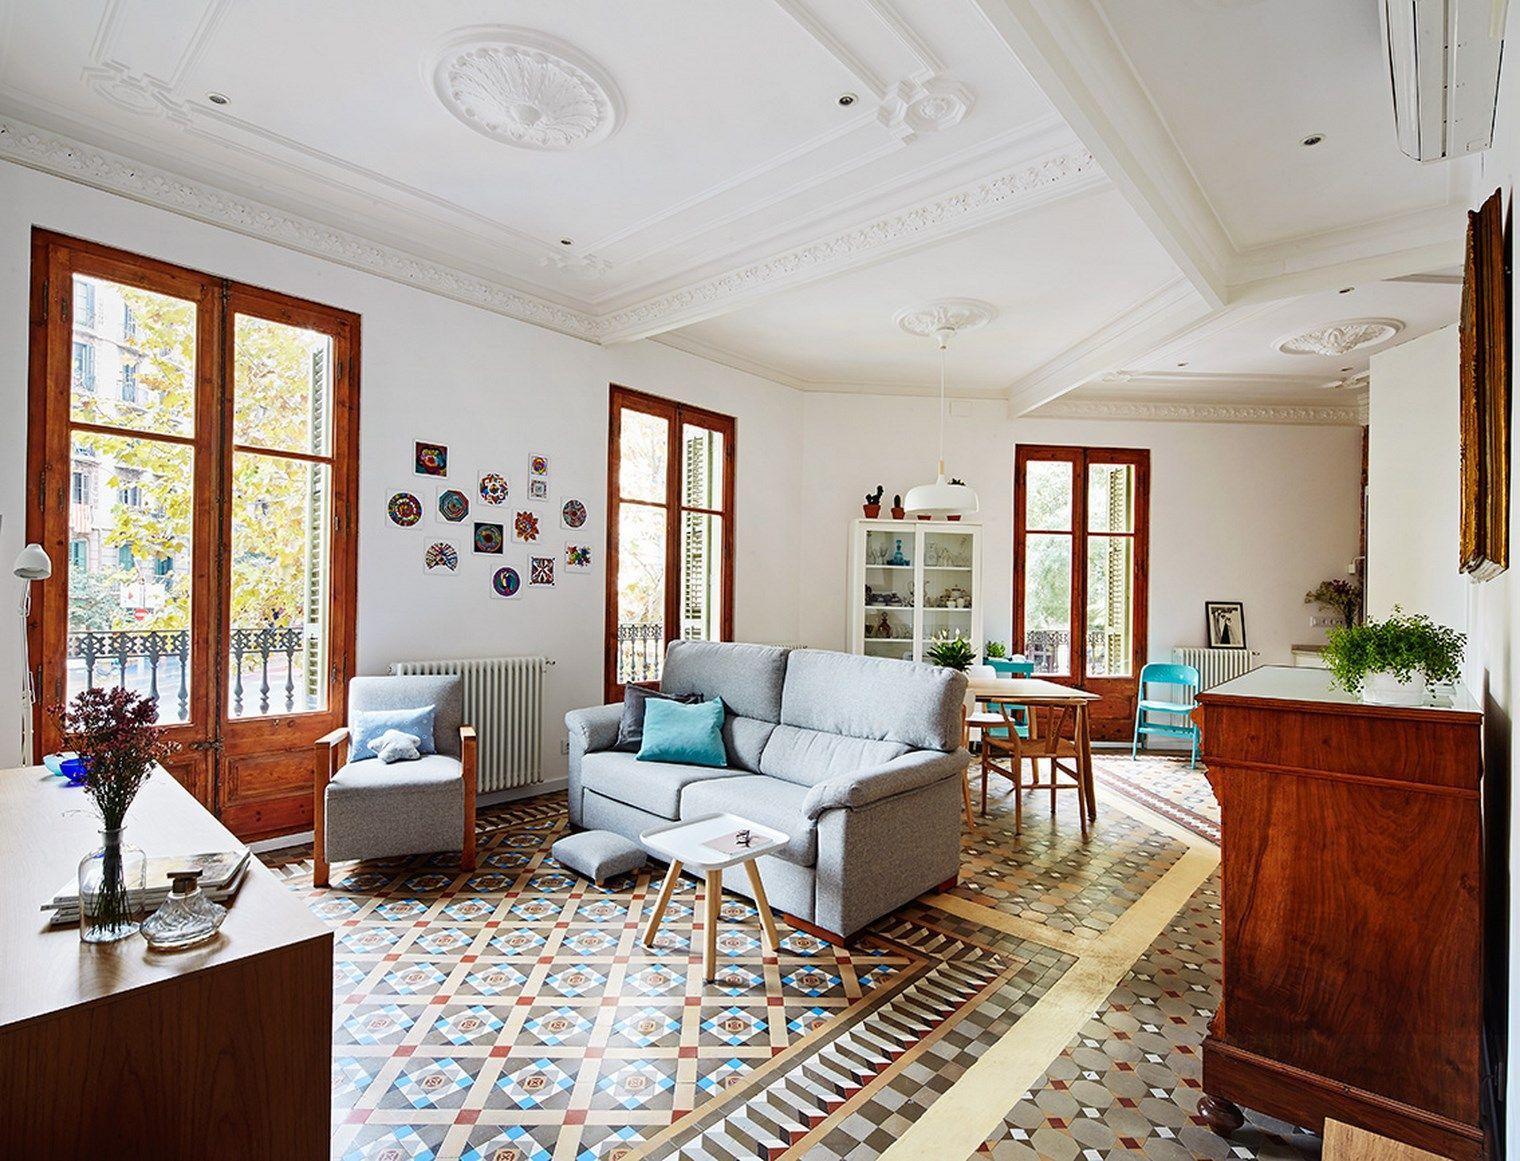 Thehallstudio rehabilita un piso modernista del eixample - Piso estilo nordico ...